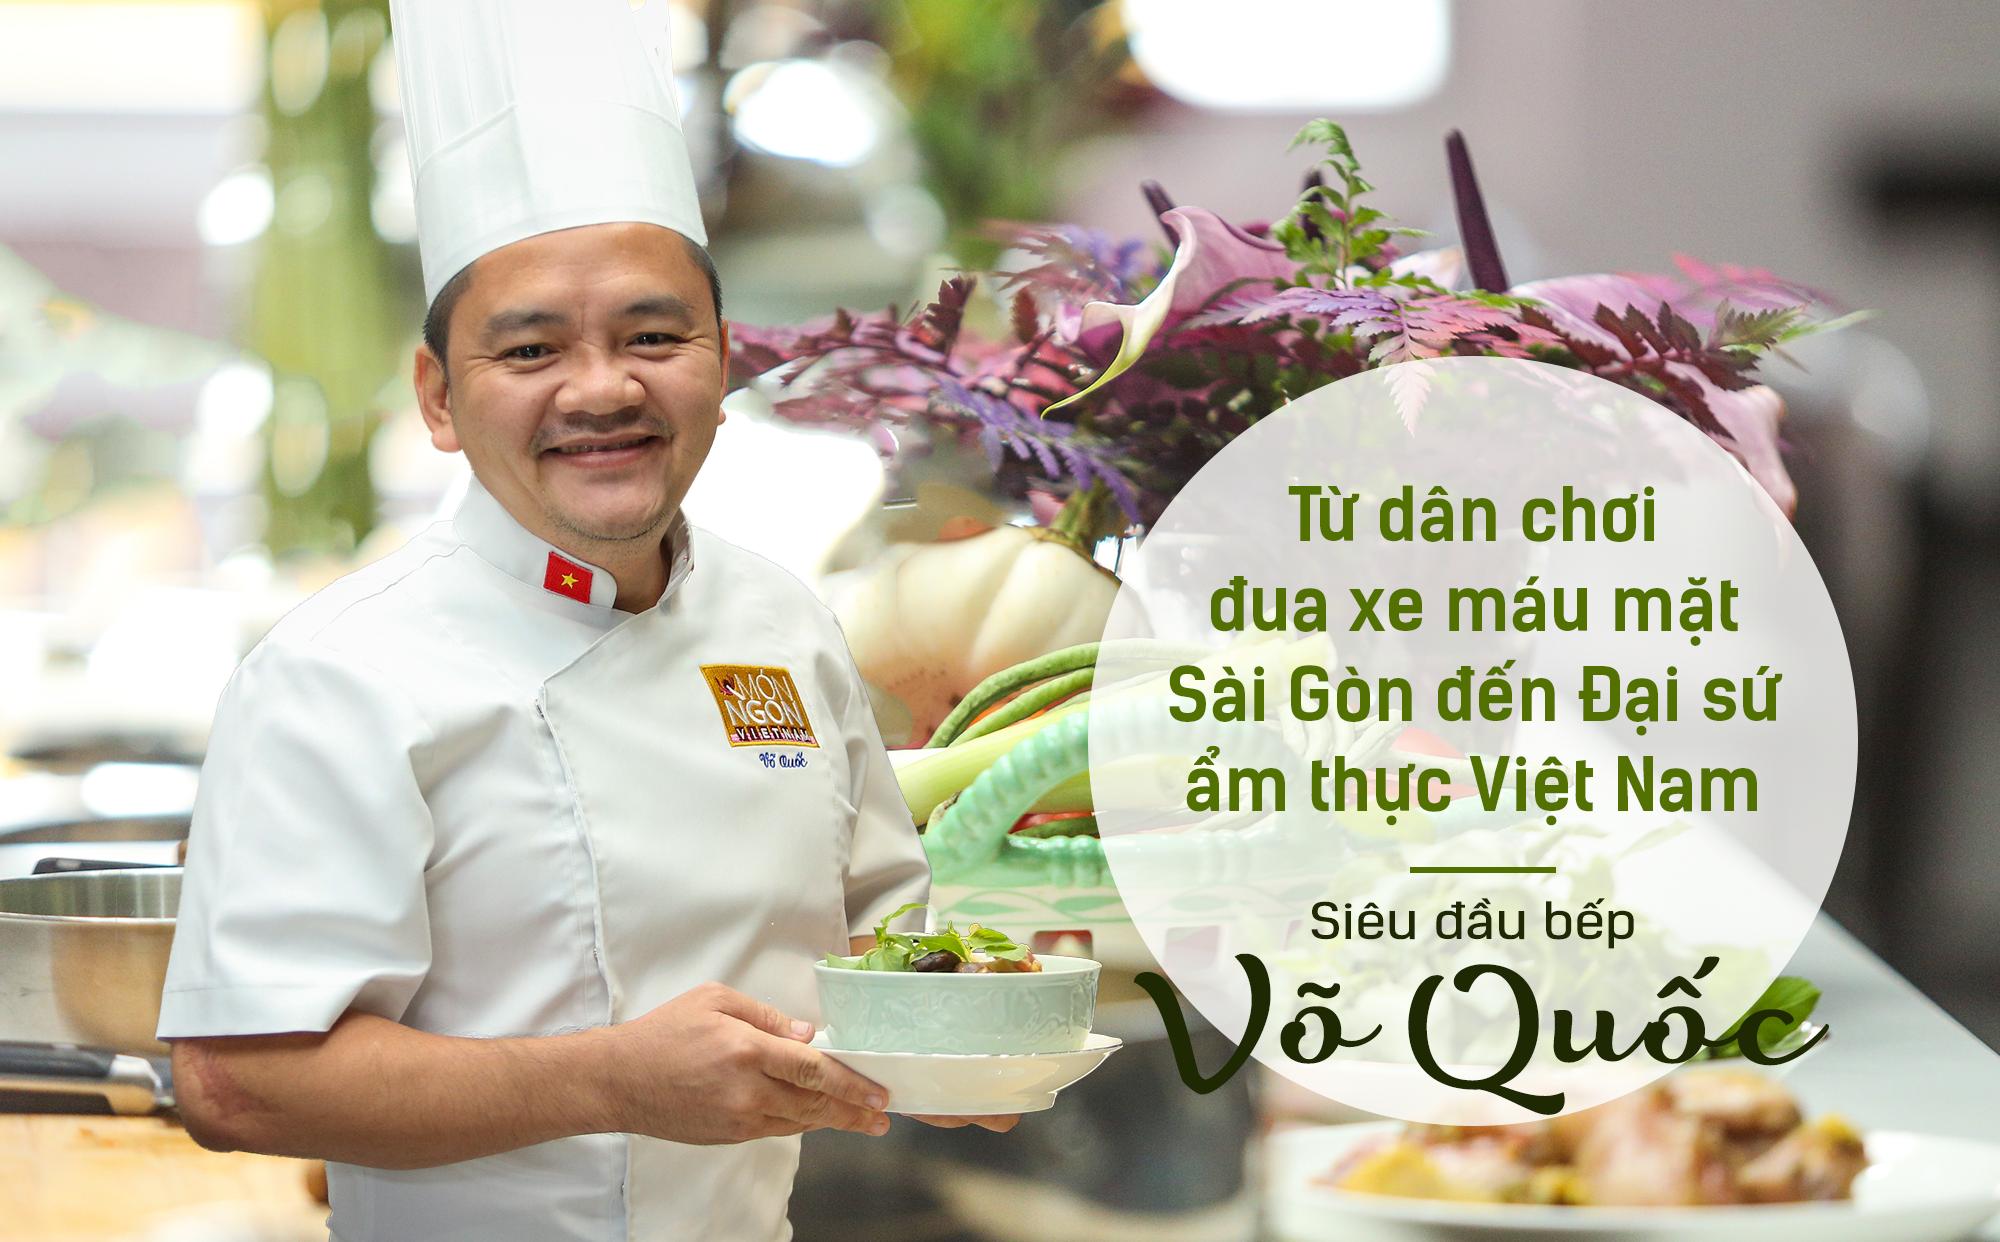 Siêu đầu bếp Võ Quốc: Từ dân chơi đua xe máu mặt Sài Gòn đến Đại sứ ẩm thực Việt Nam